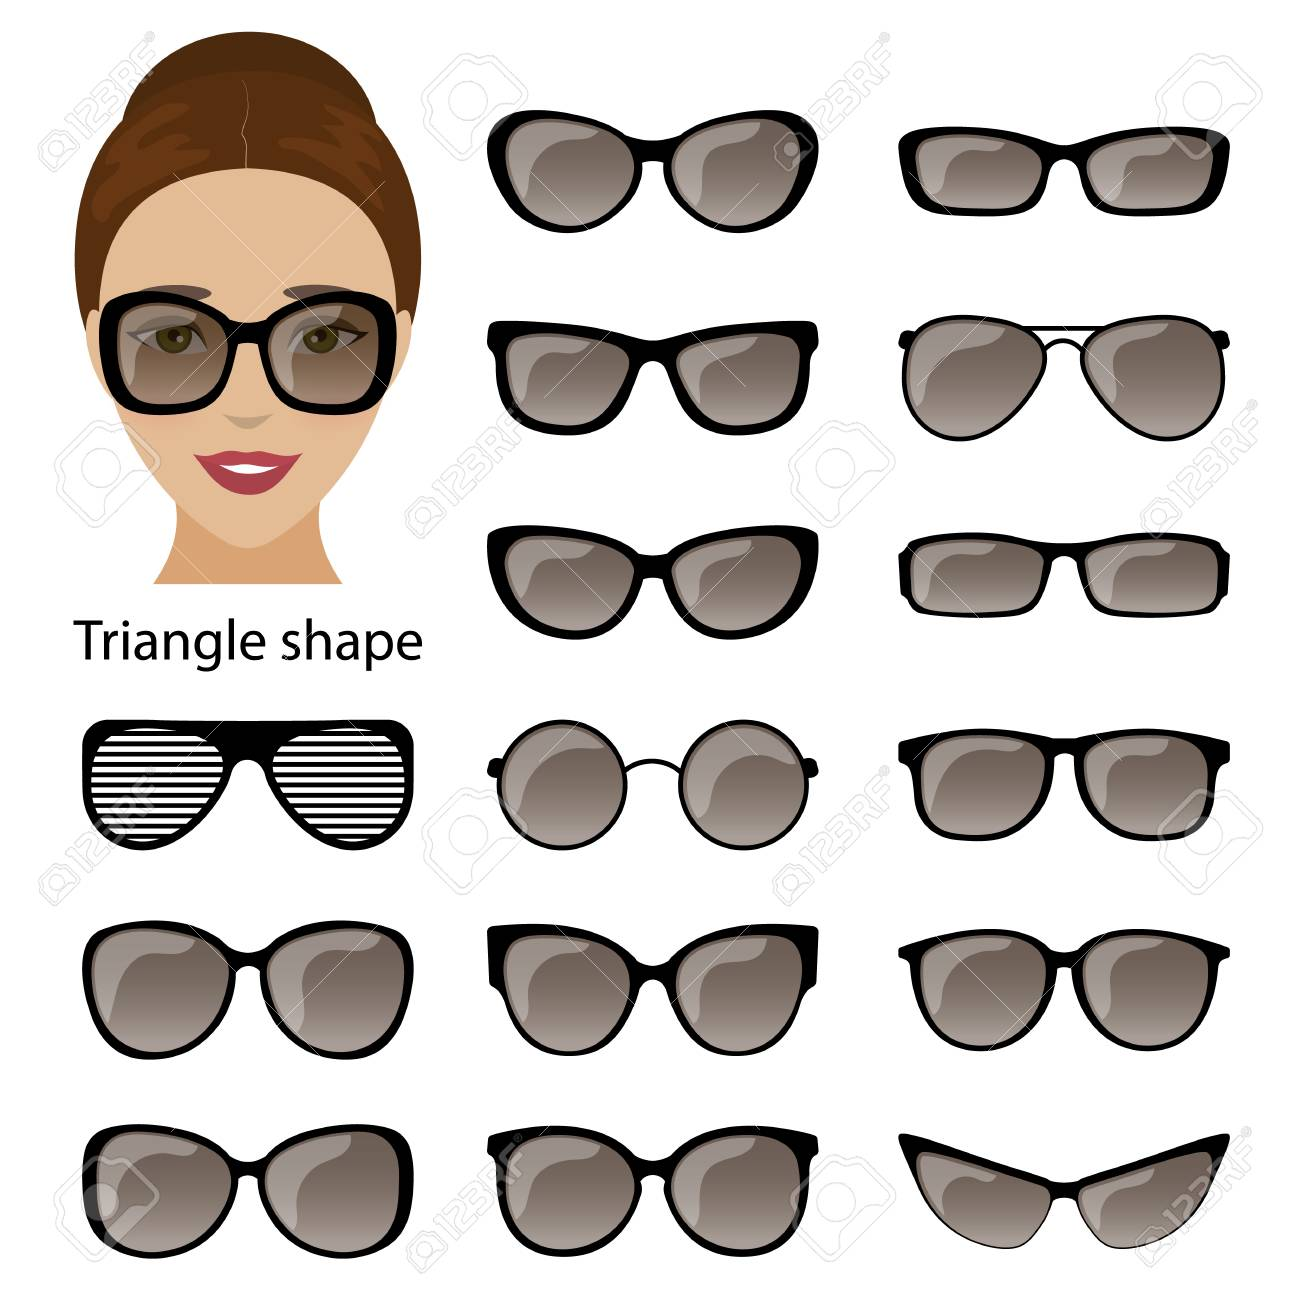 Tolle Wählen Glasrahmen Gesichtsform Fotos - Benutzerdefinierte ...